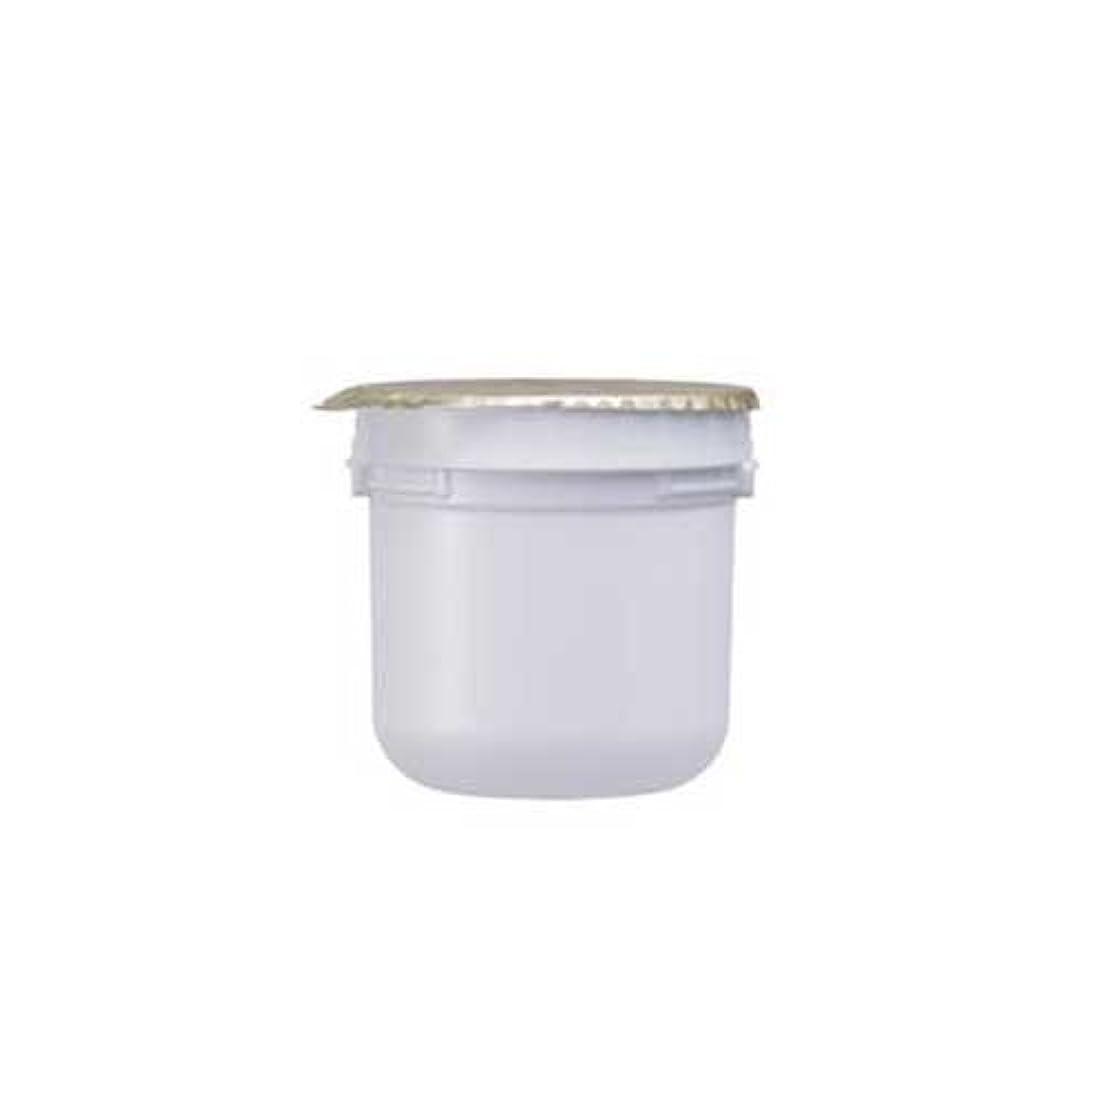 イノセンス賠償カレッジASTALIFT(アスタリフト) ホワイト クリーム(美白クリーム)レフィル 30g